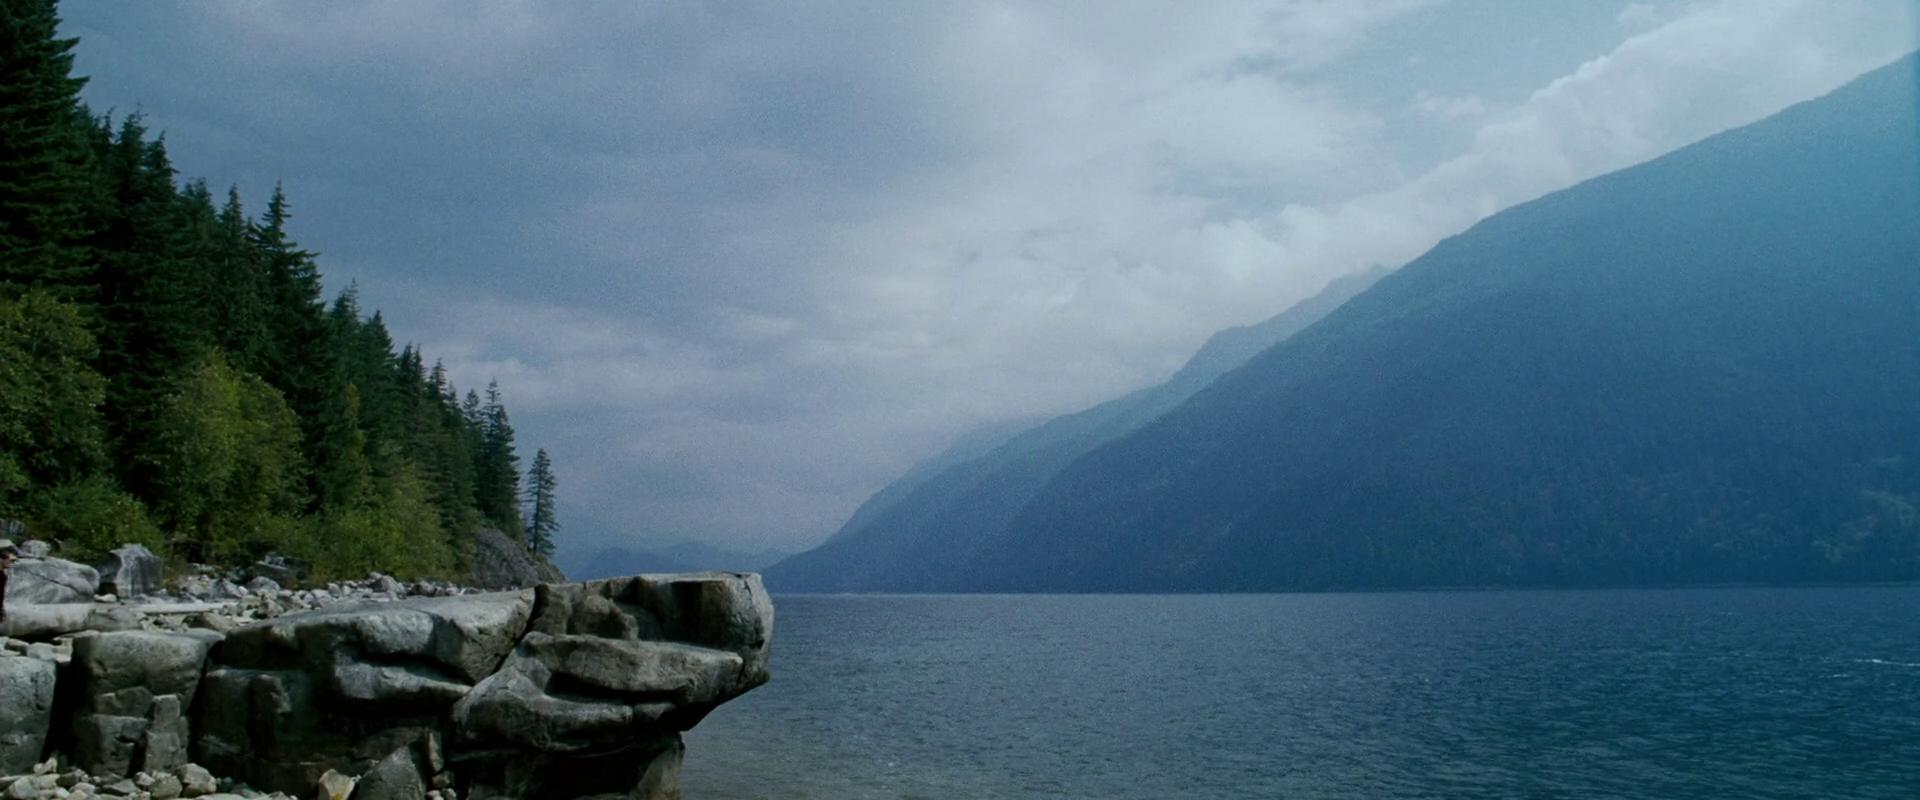 Movies X-Men Wikia   powered Alkali FANDOM   Lake Wiki by